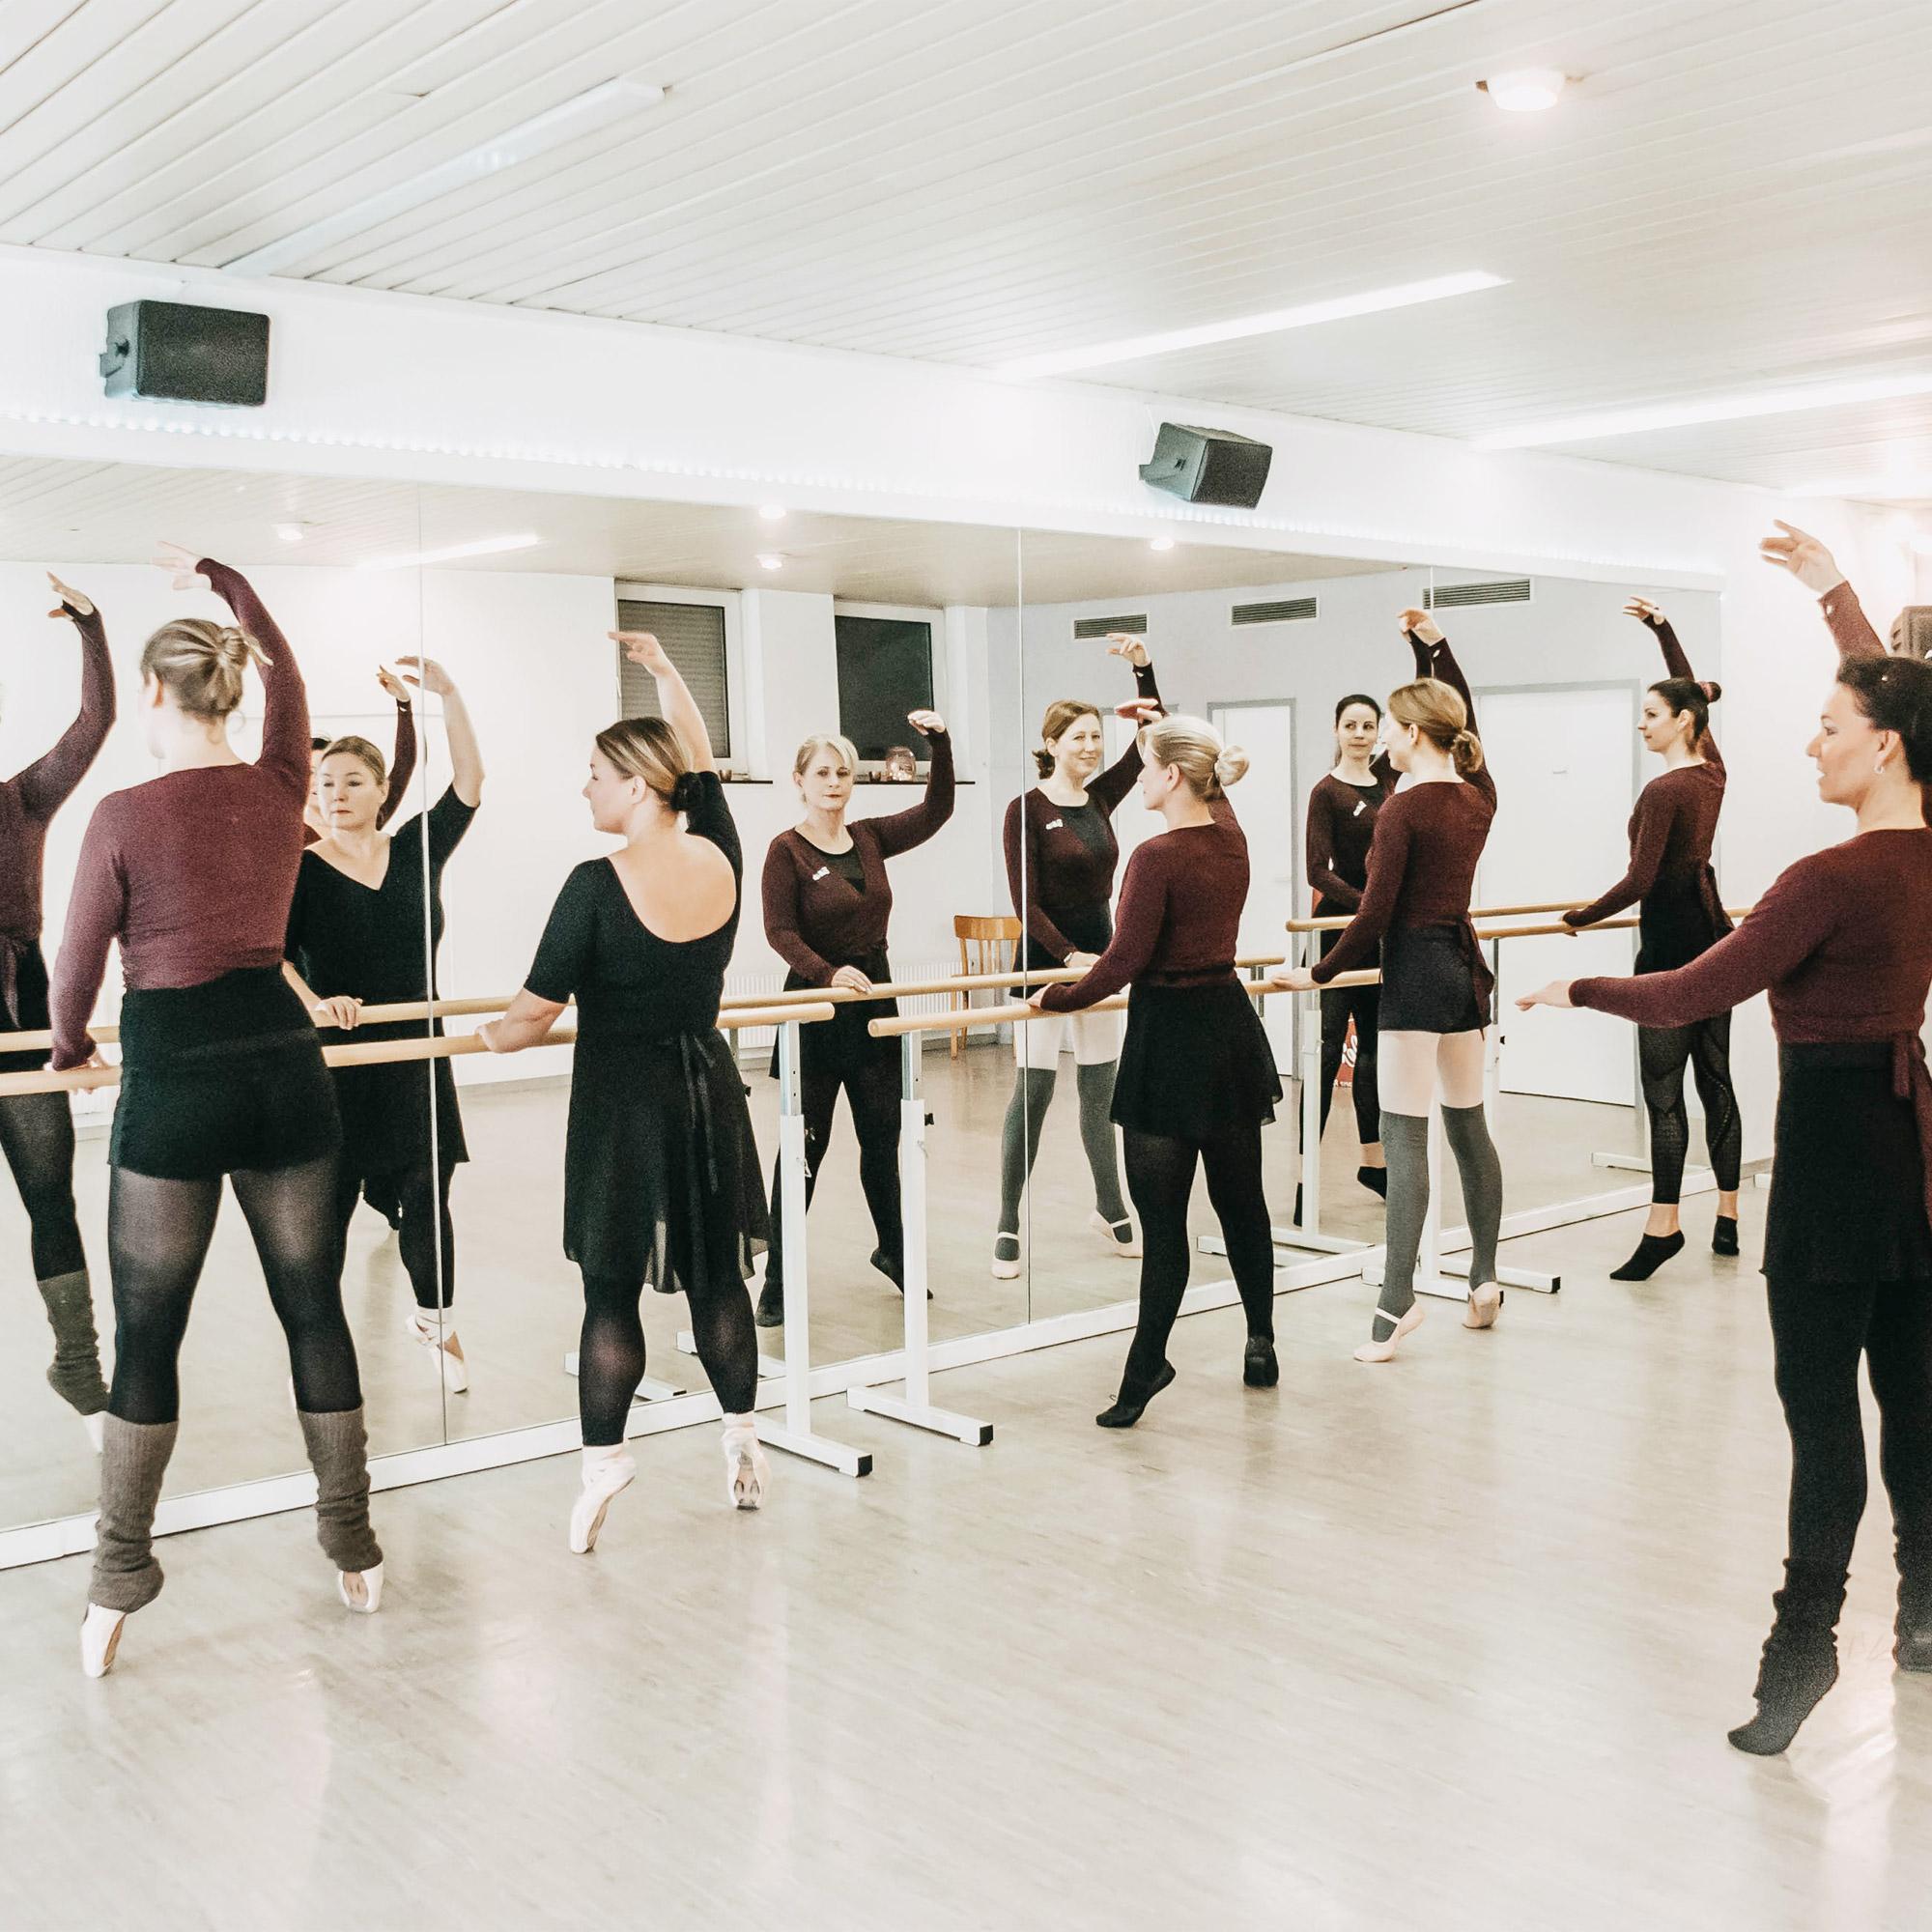 Ballerita_Ballett_Jazz_Tanz_Training_Muelheim_Duisburg_Fit wie eine Ballerina-3